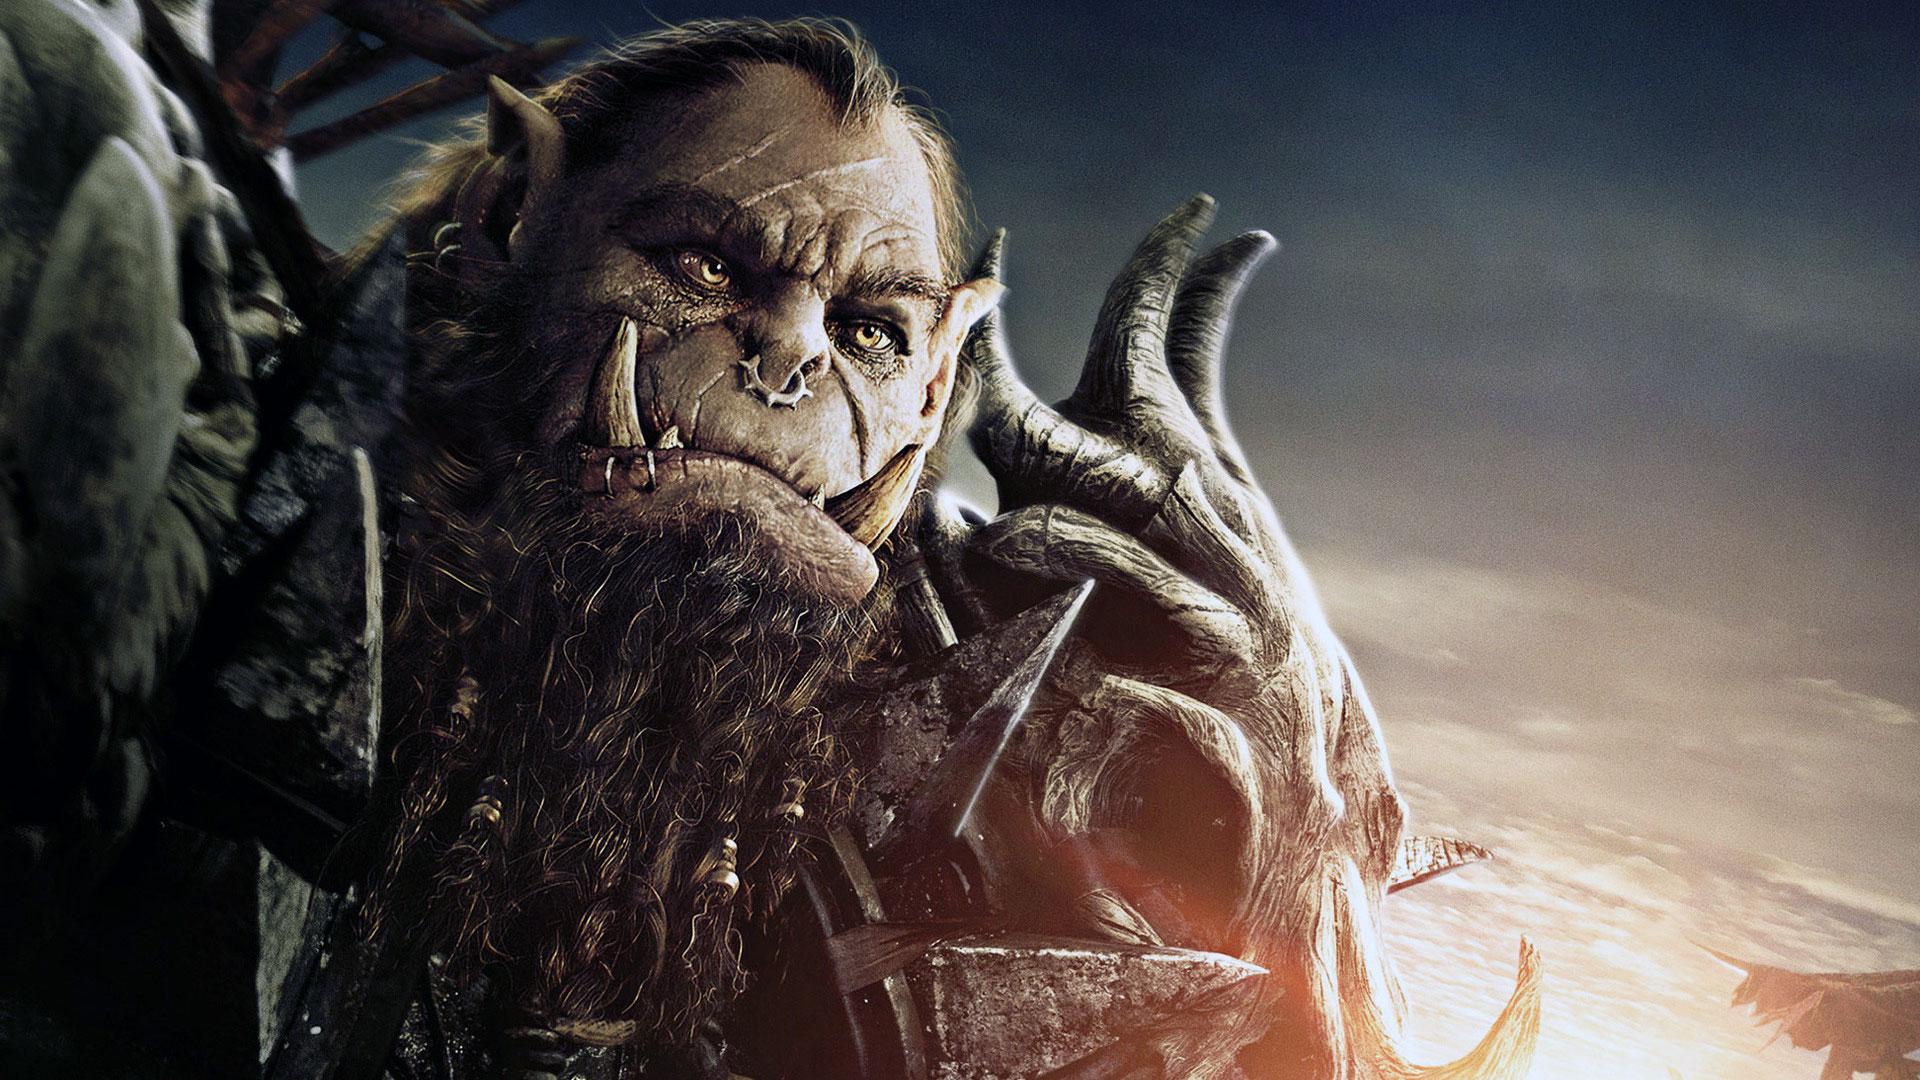 Destiny Wallpaper Hd Fondos De Warcraft La Pel 237 Cula Warcraft Wallpapers